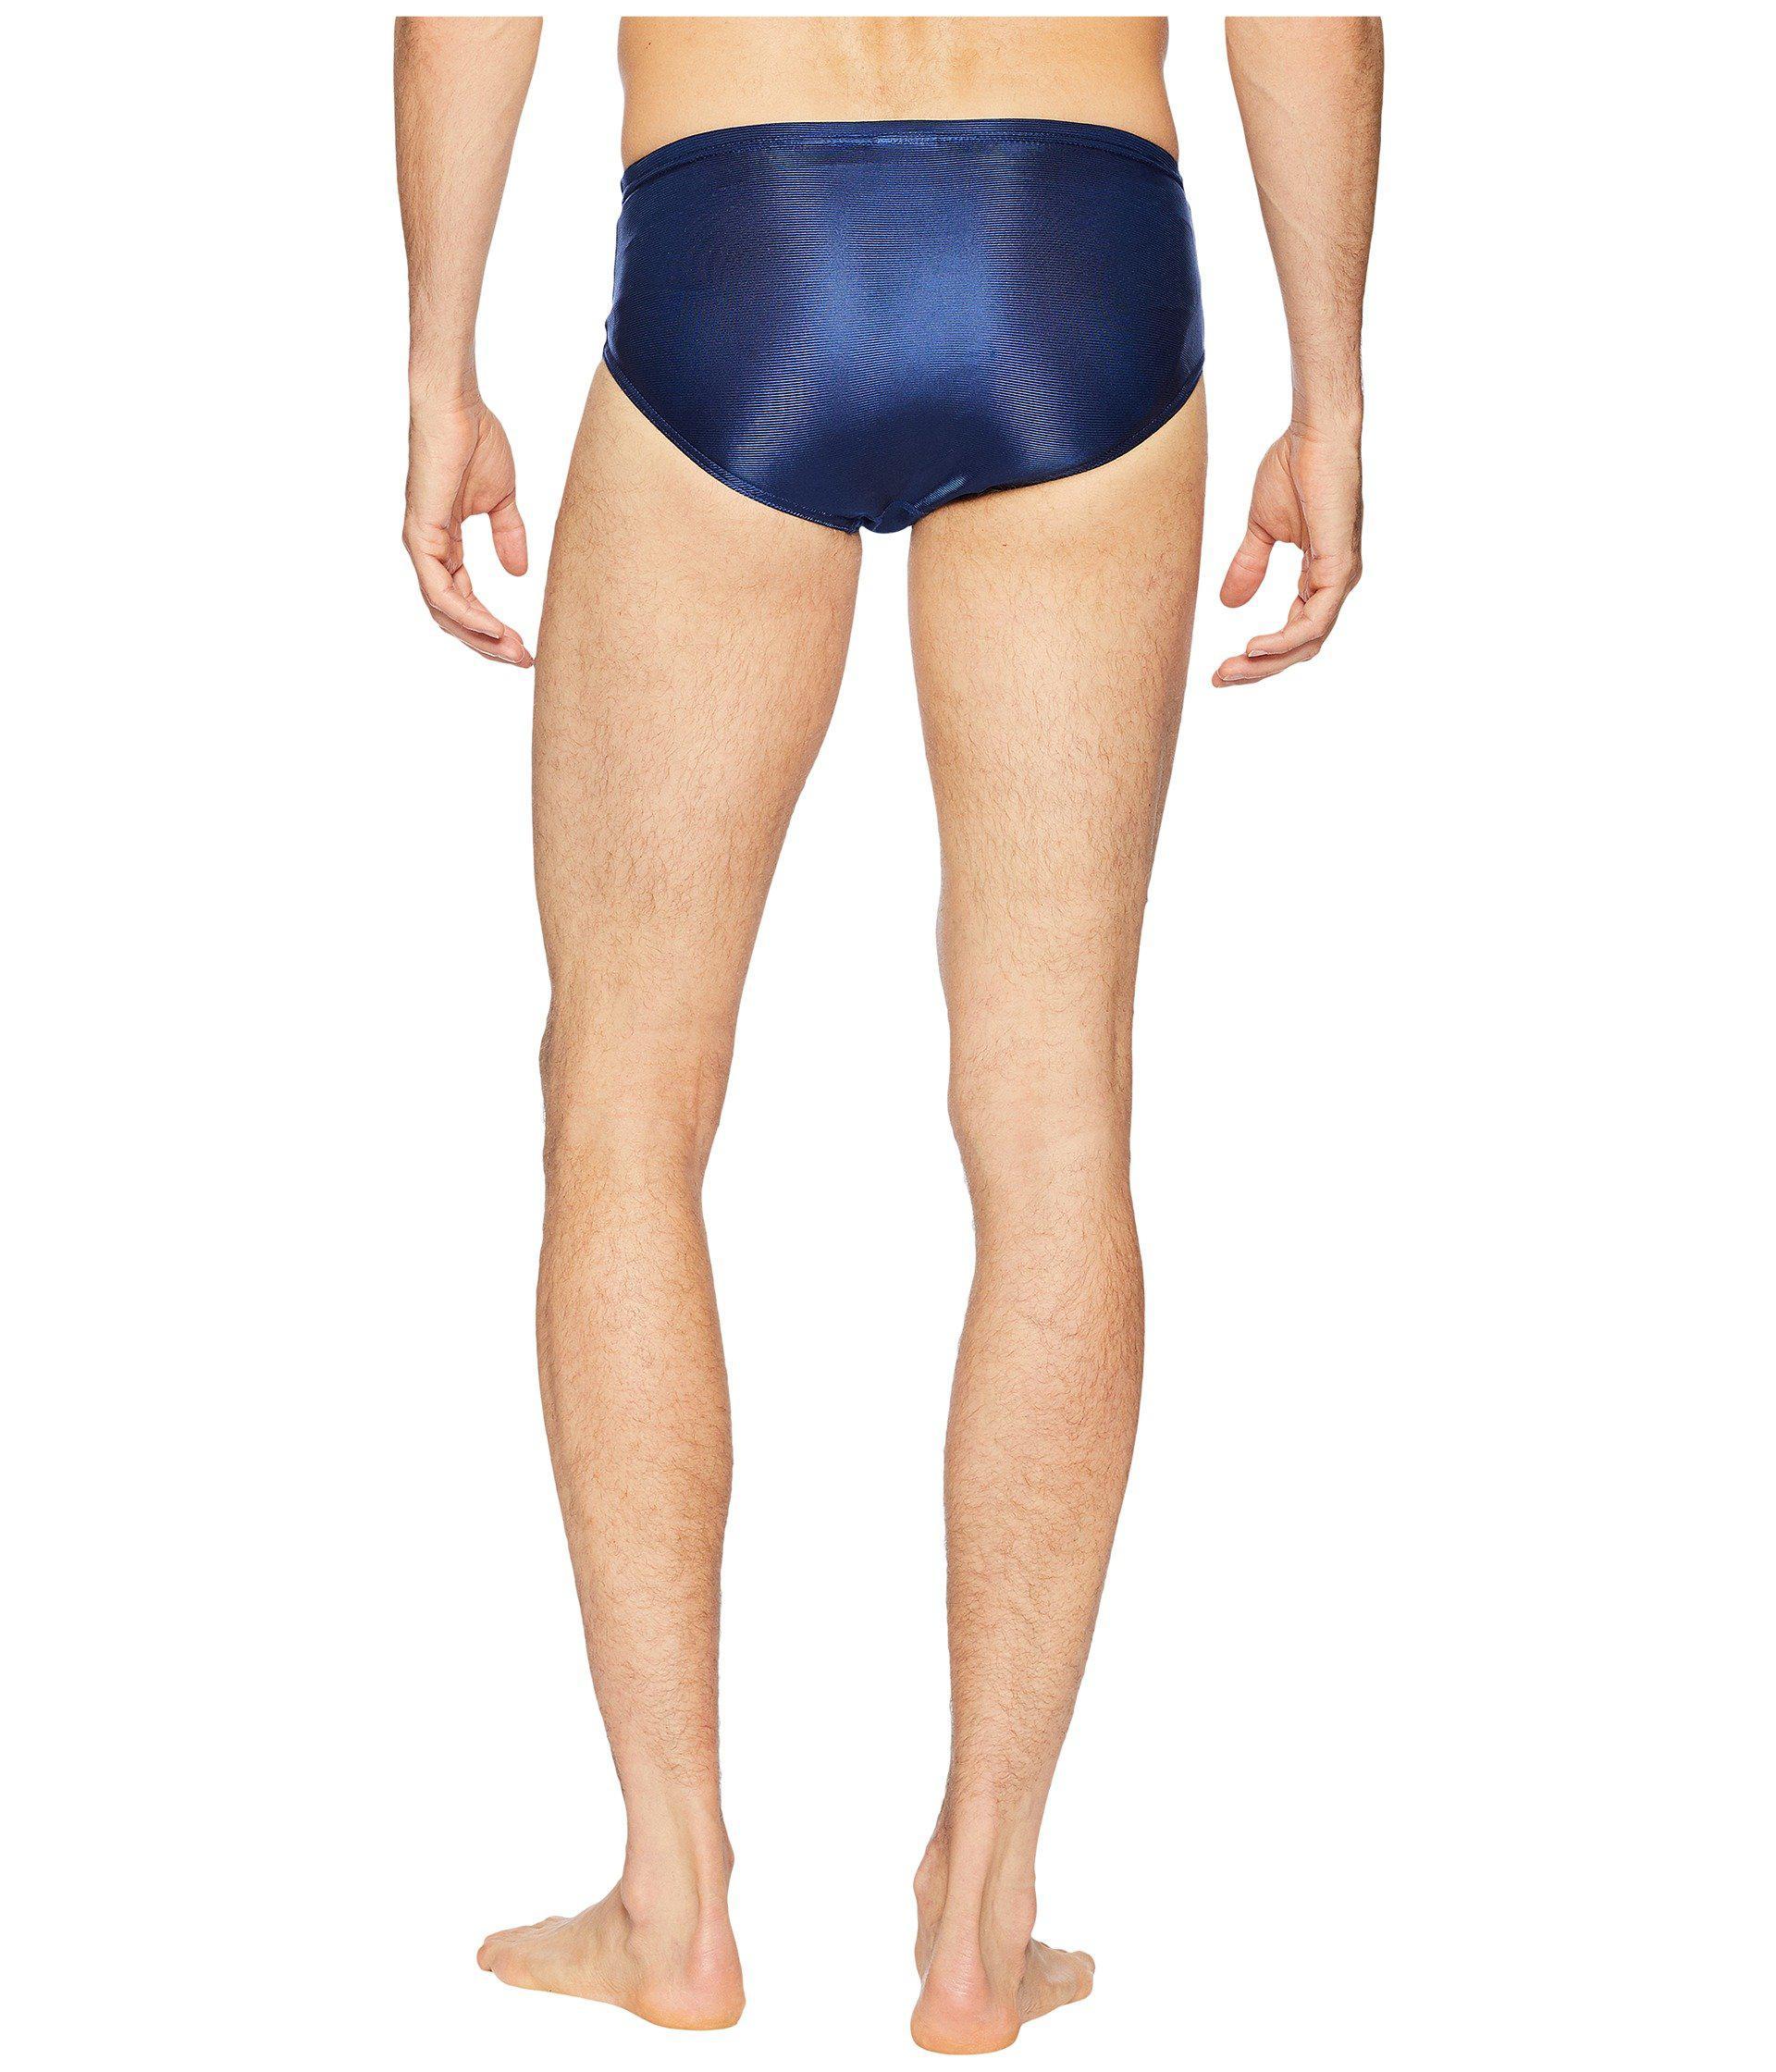 Speedo Mens Water Polo Avenger Brief Speedo Men/'s and Women/'s Swimwear 705494